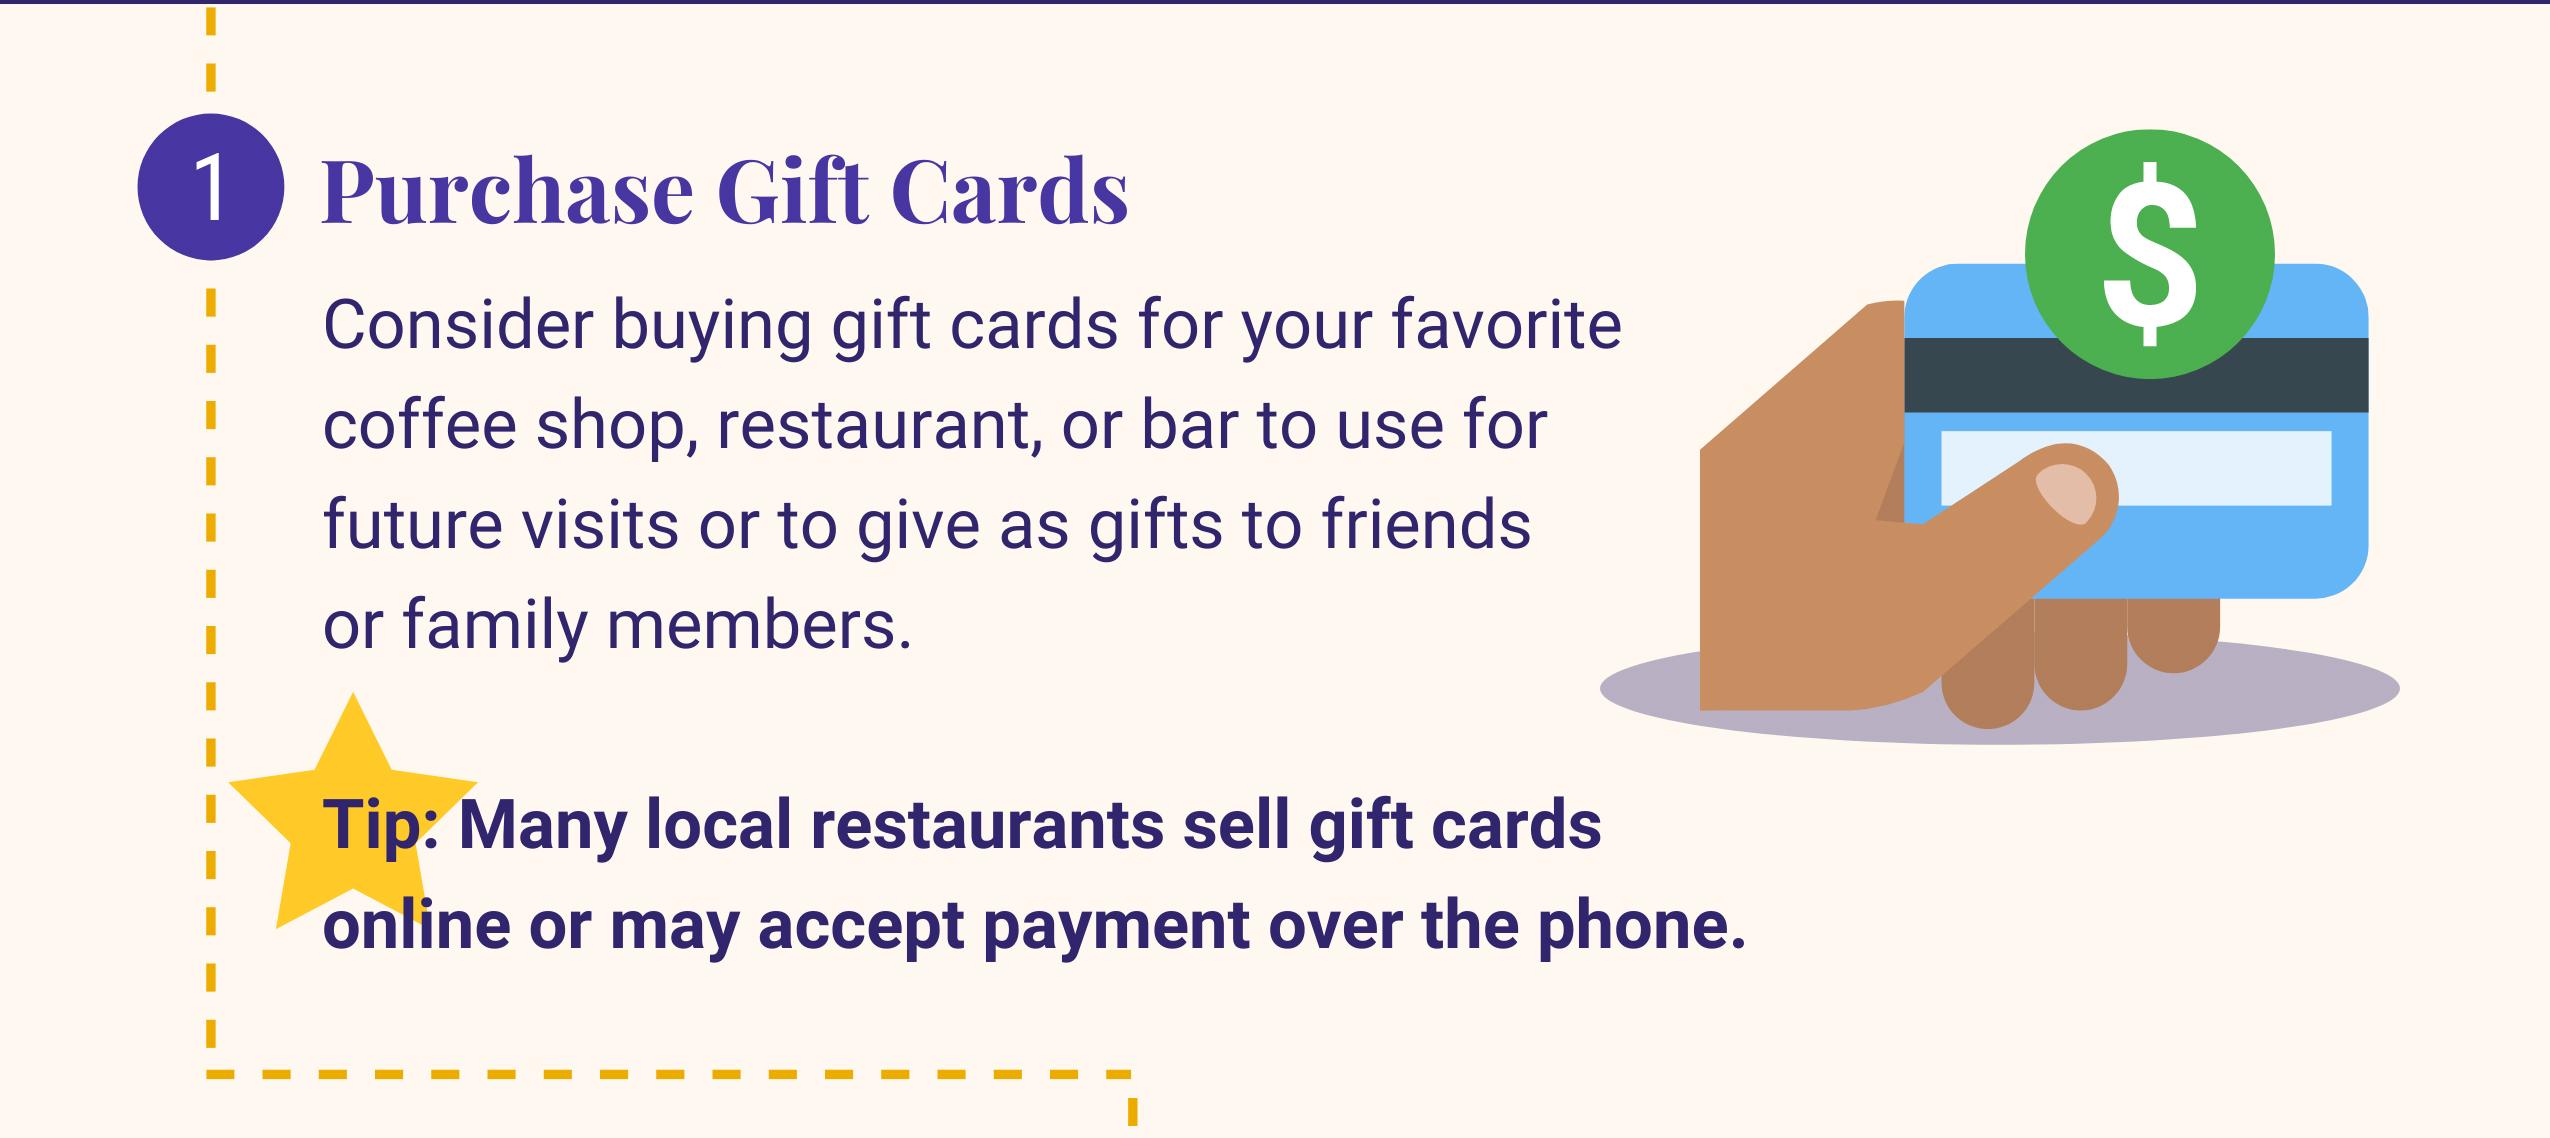 1:购买礼品卡. 考虑为你最喜欢的咖啡店购买礼品卡, 餐厅, 或作为礼物送给朋友或家人. 提示:许多当地餐馆在网上出售礼品卡,或者接受电话付款.